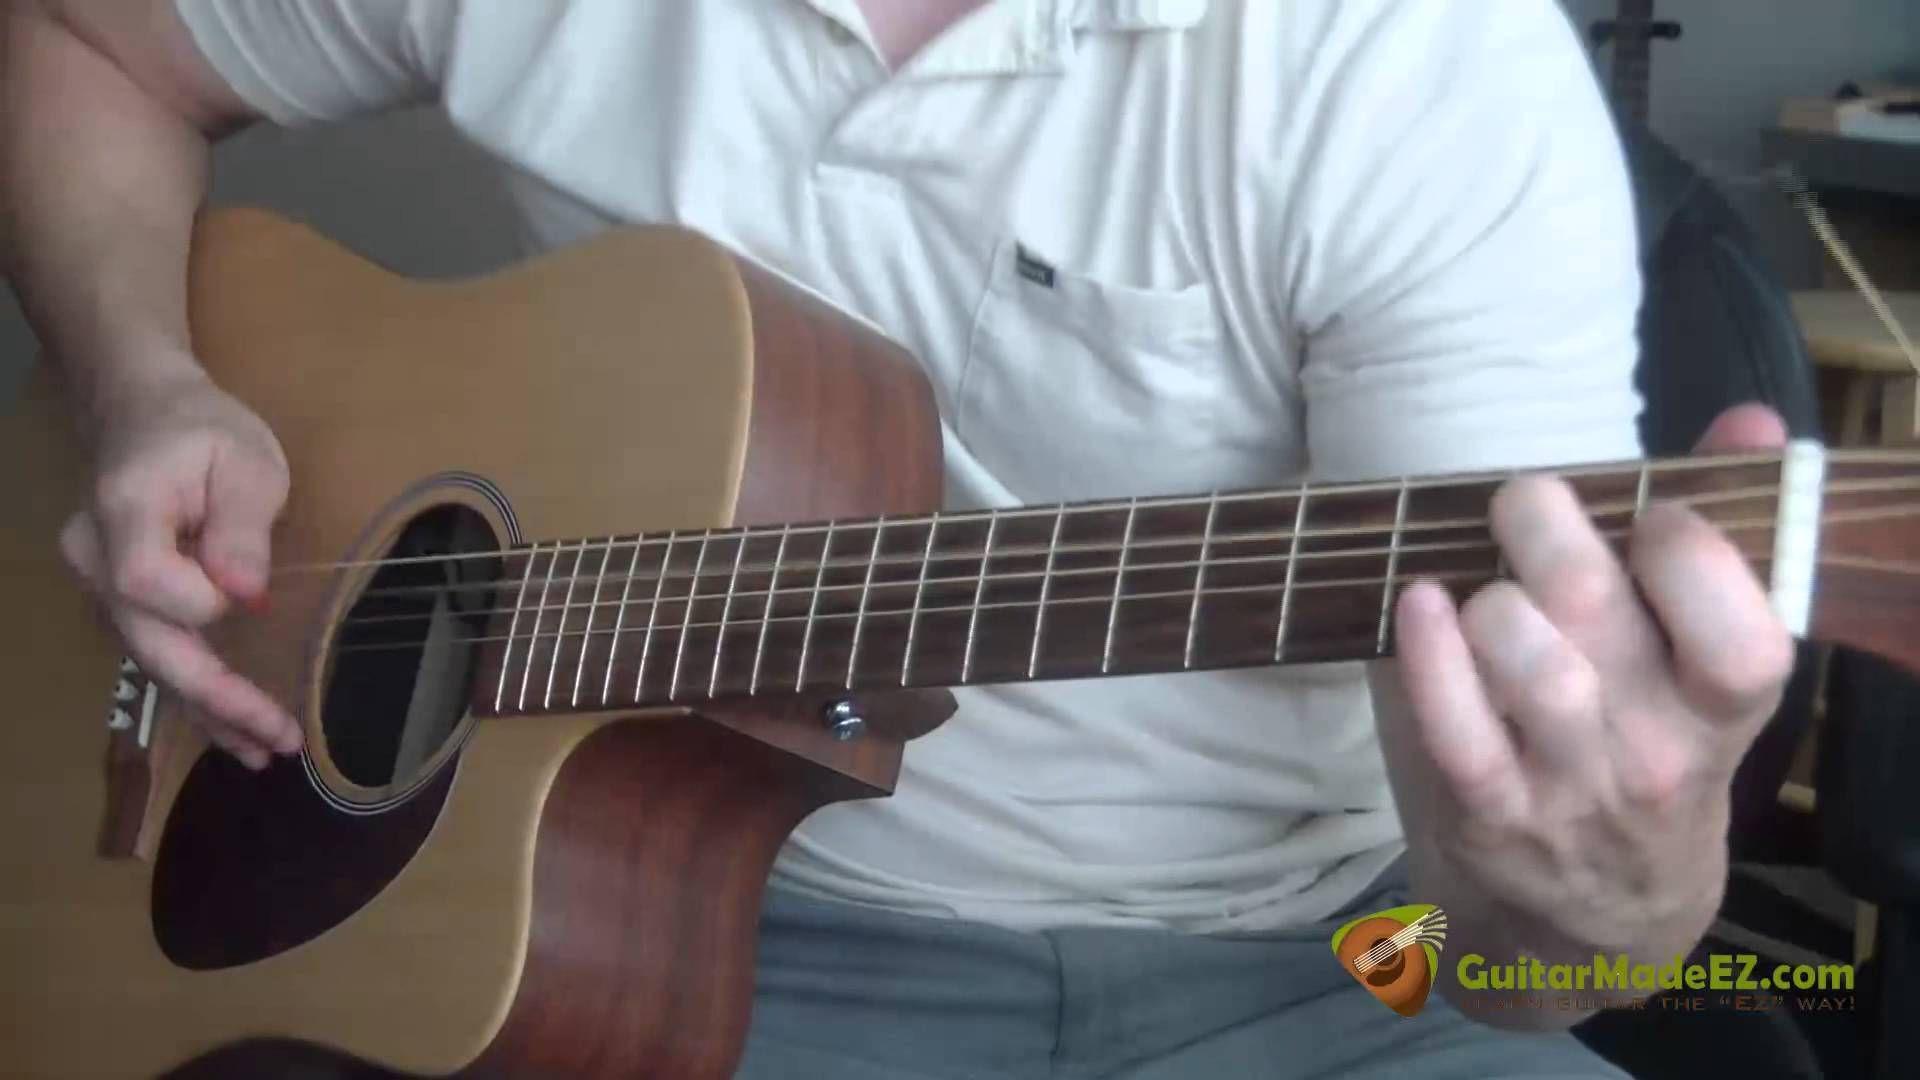 Seven bridges road guitar chords